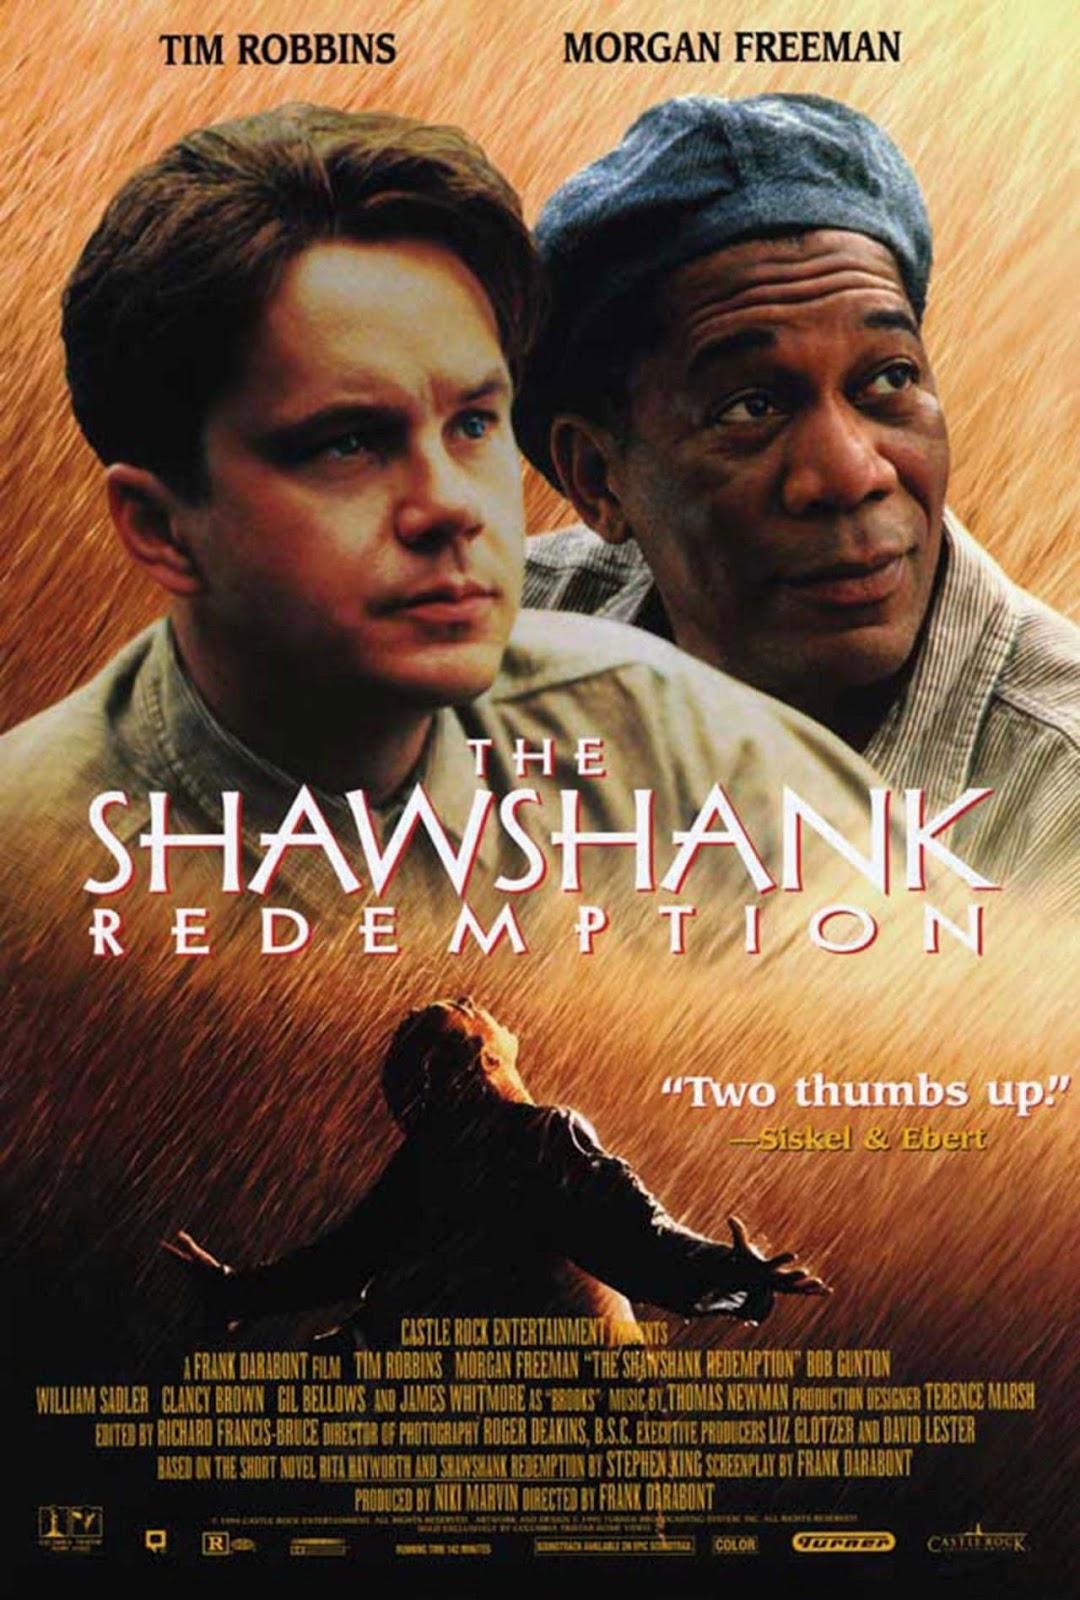 The-Shawshank-Redemption-Cartel